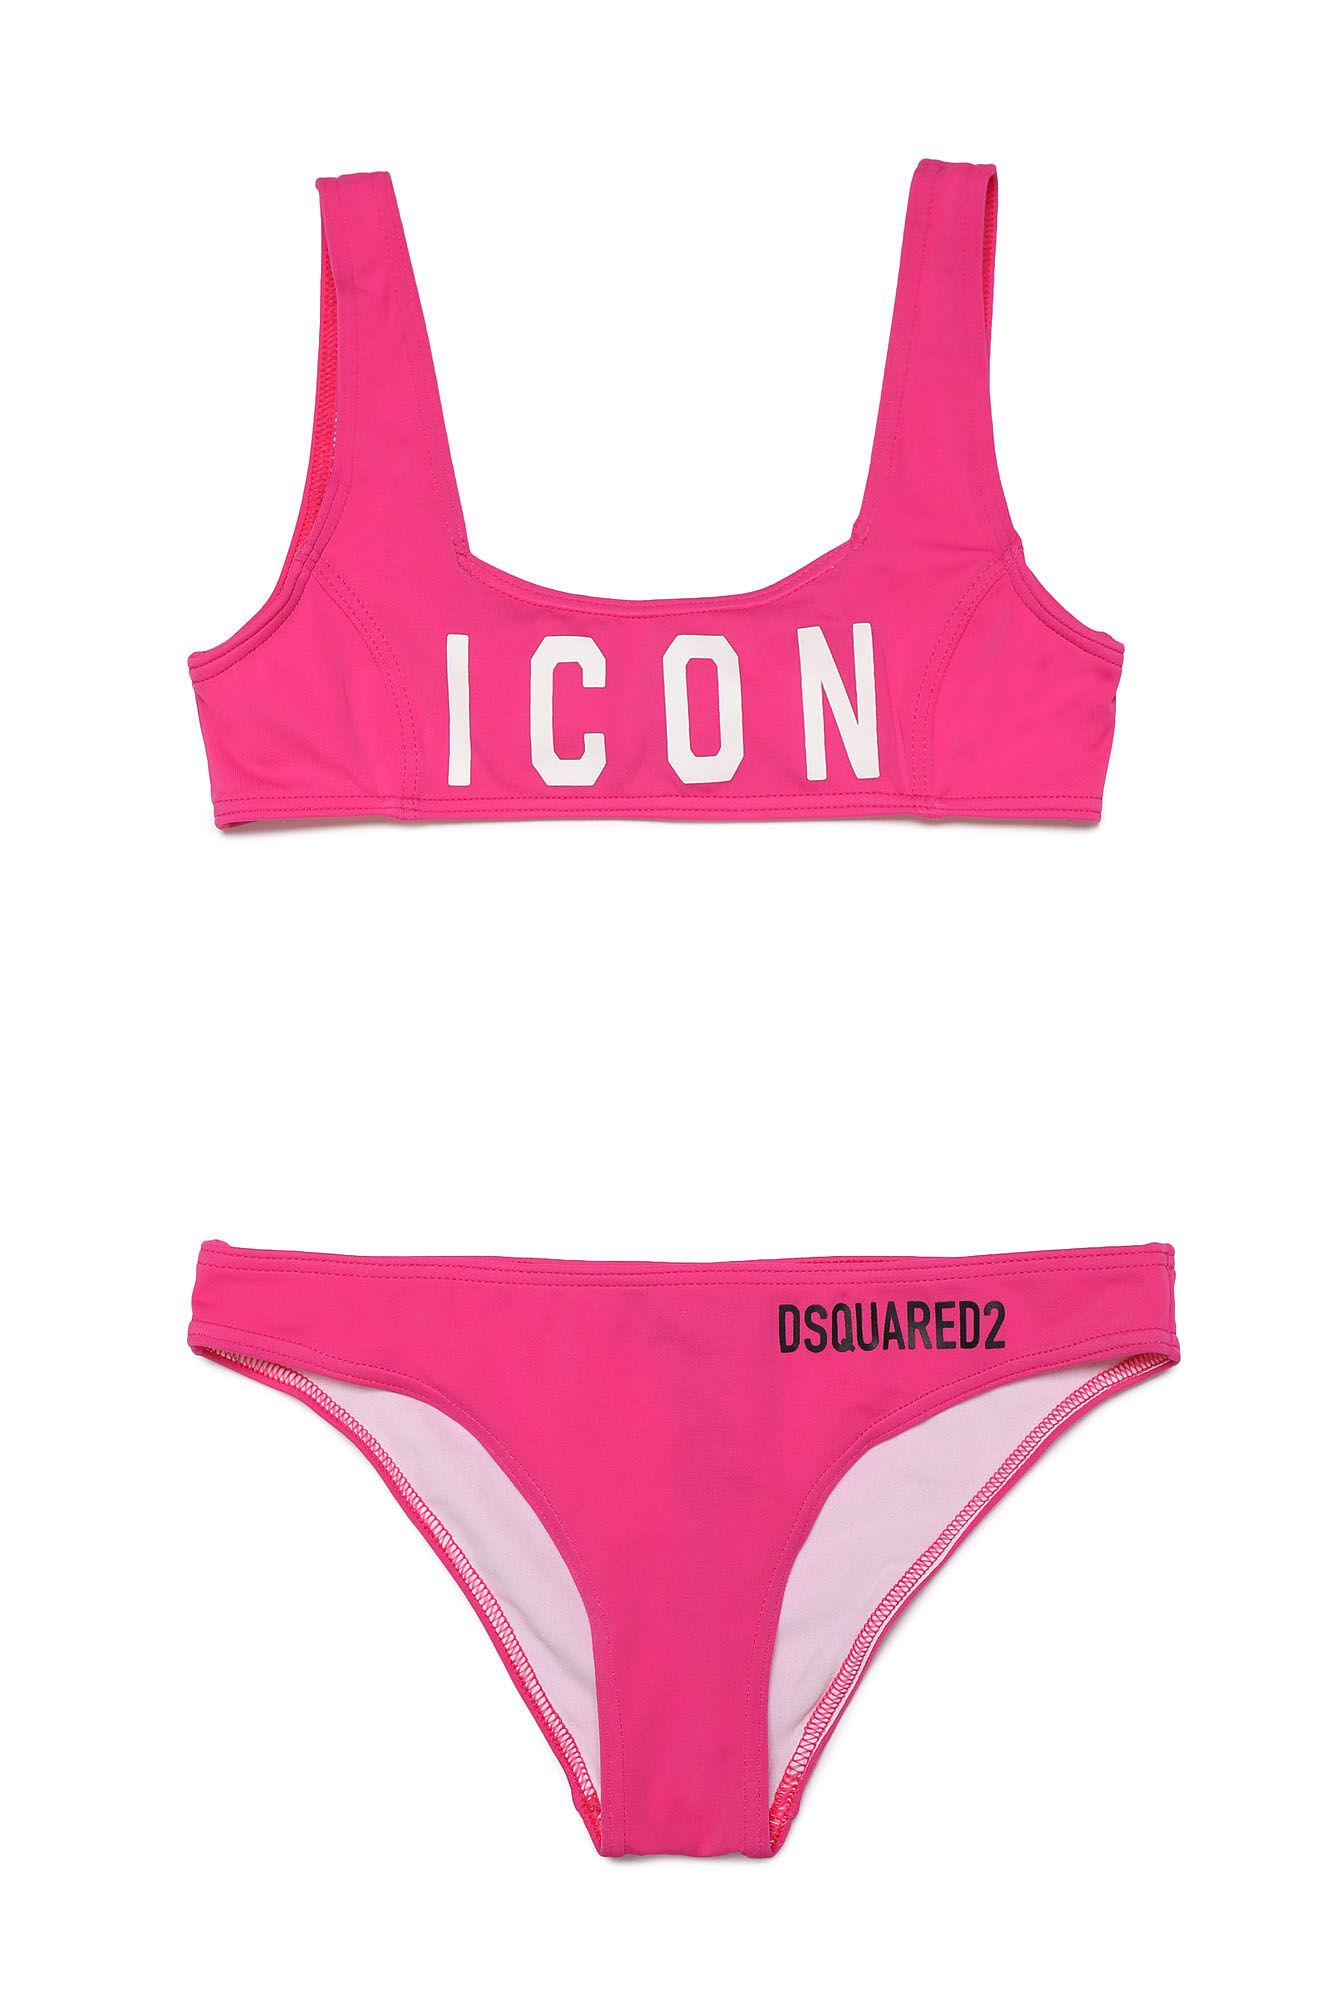 Icon Costume - Dsquared2 Junior